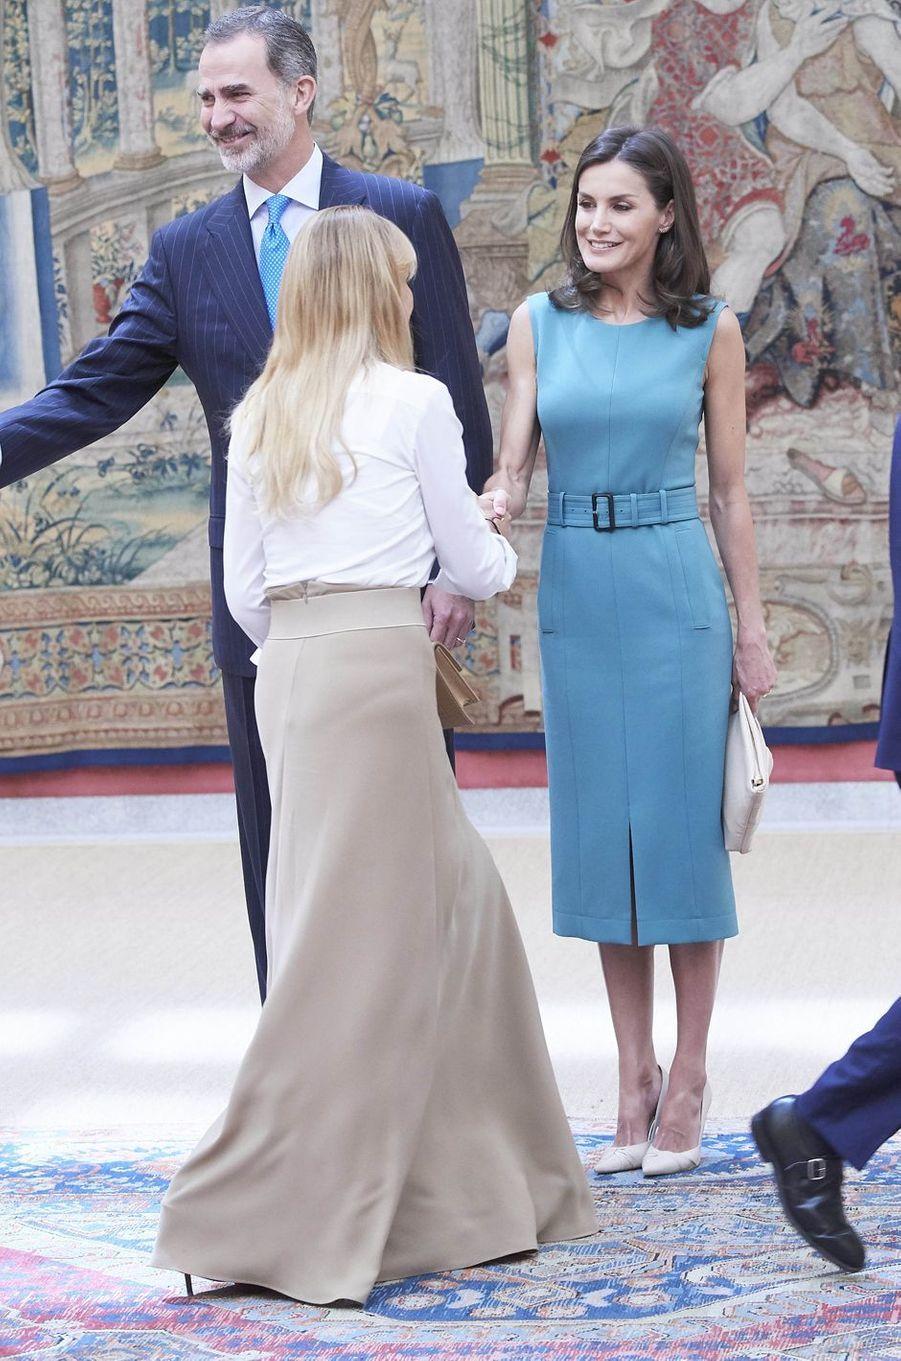 La reine Letizia et le roi Felipe VI d'Espagne au palais du Pardo à Madrid, le 26 juin 2019